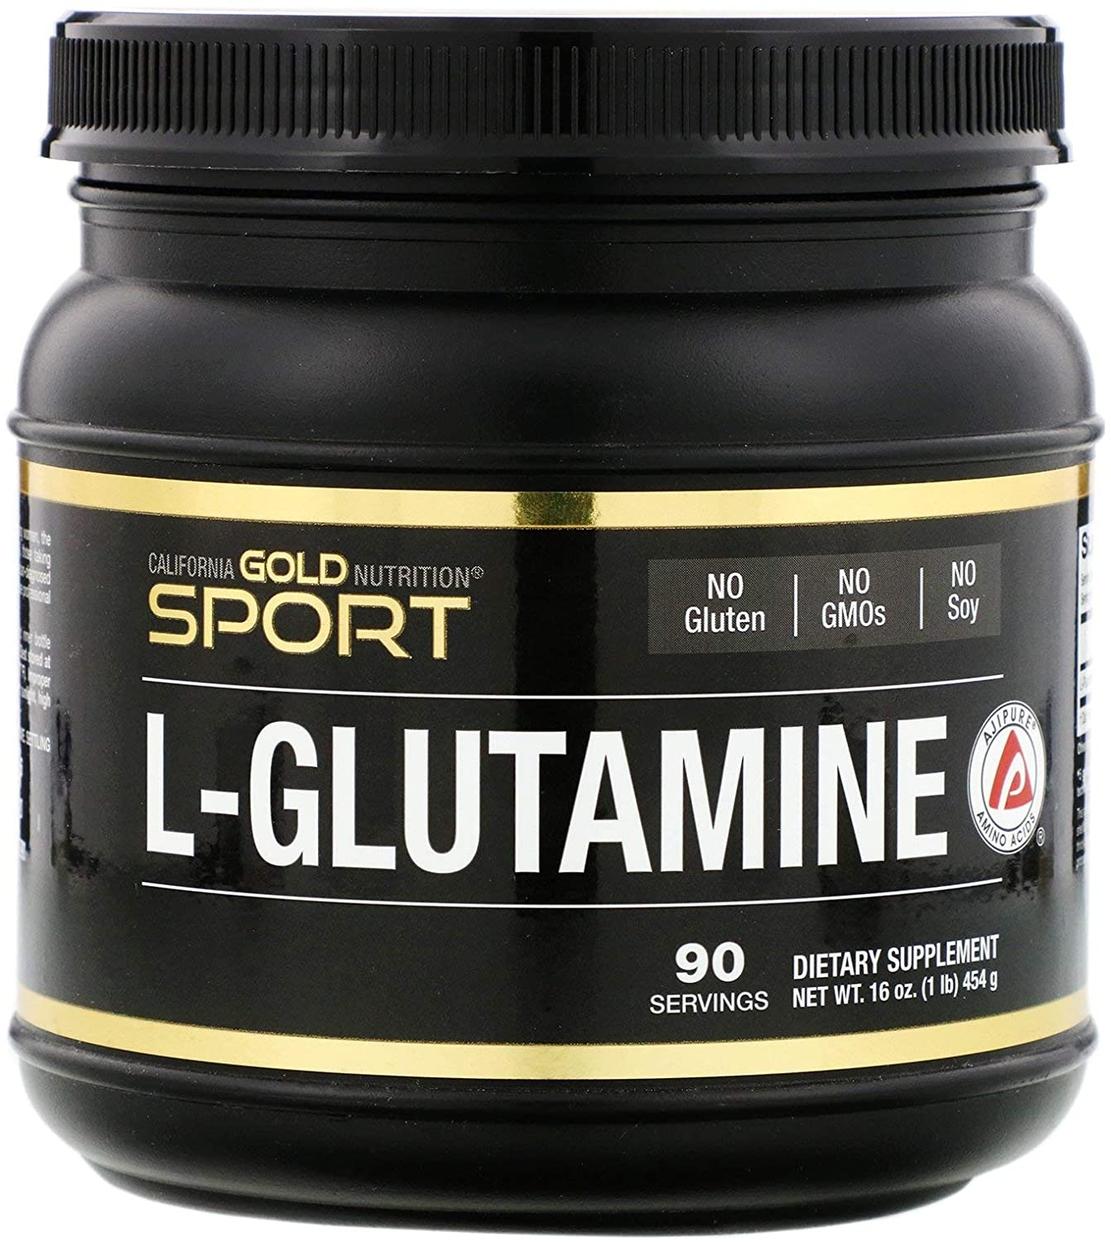 California Gold Nutrition(カリフォルニア ゴールド ニュートリション)L-グルタミンパウダー